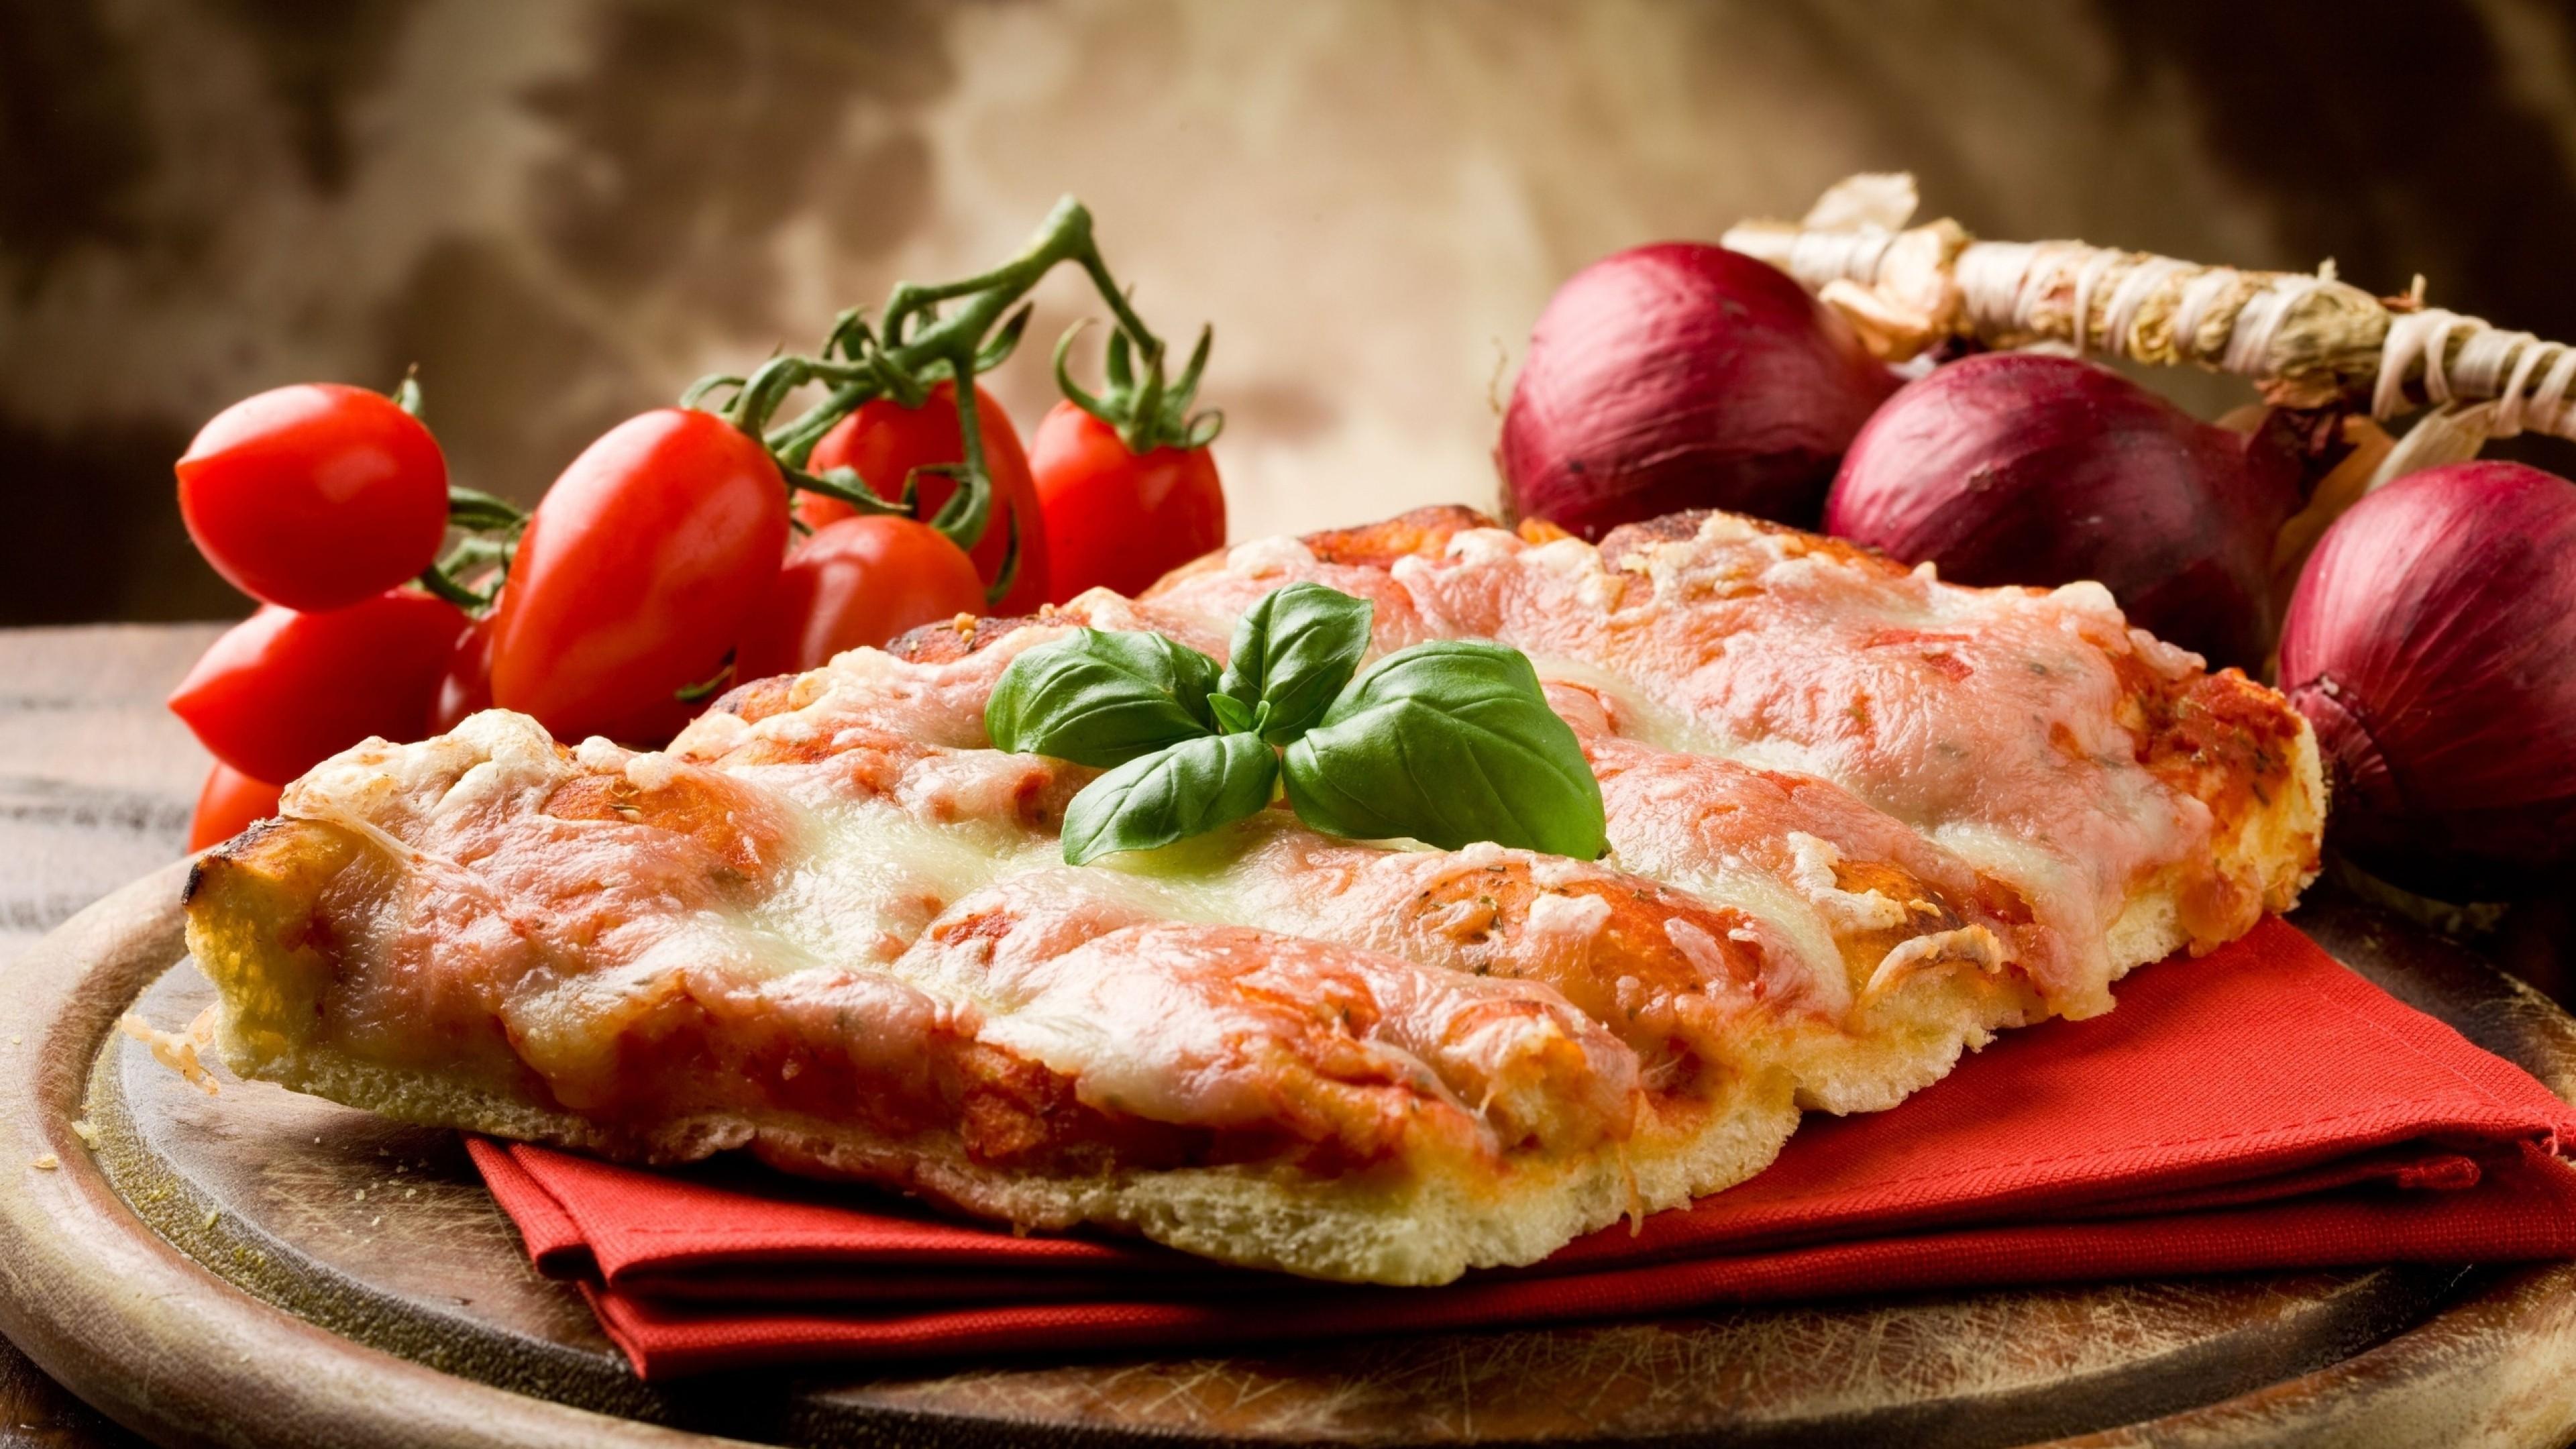 food meat pizza breakfast meal cuisine dish produce salt cured meat vegetable italian food european food